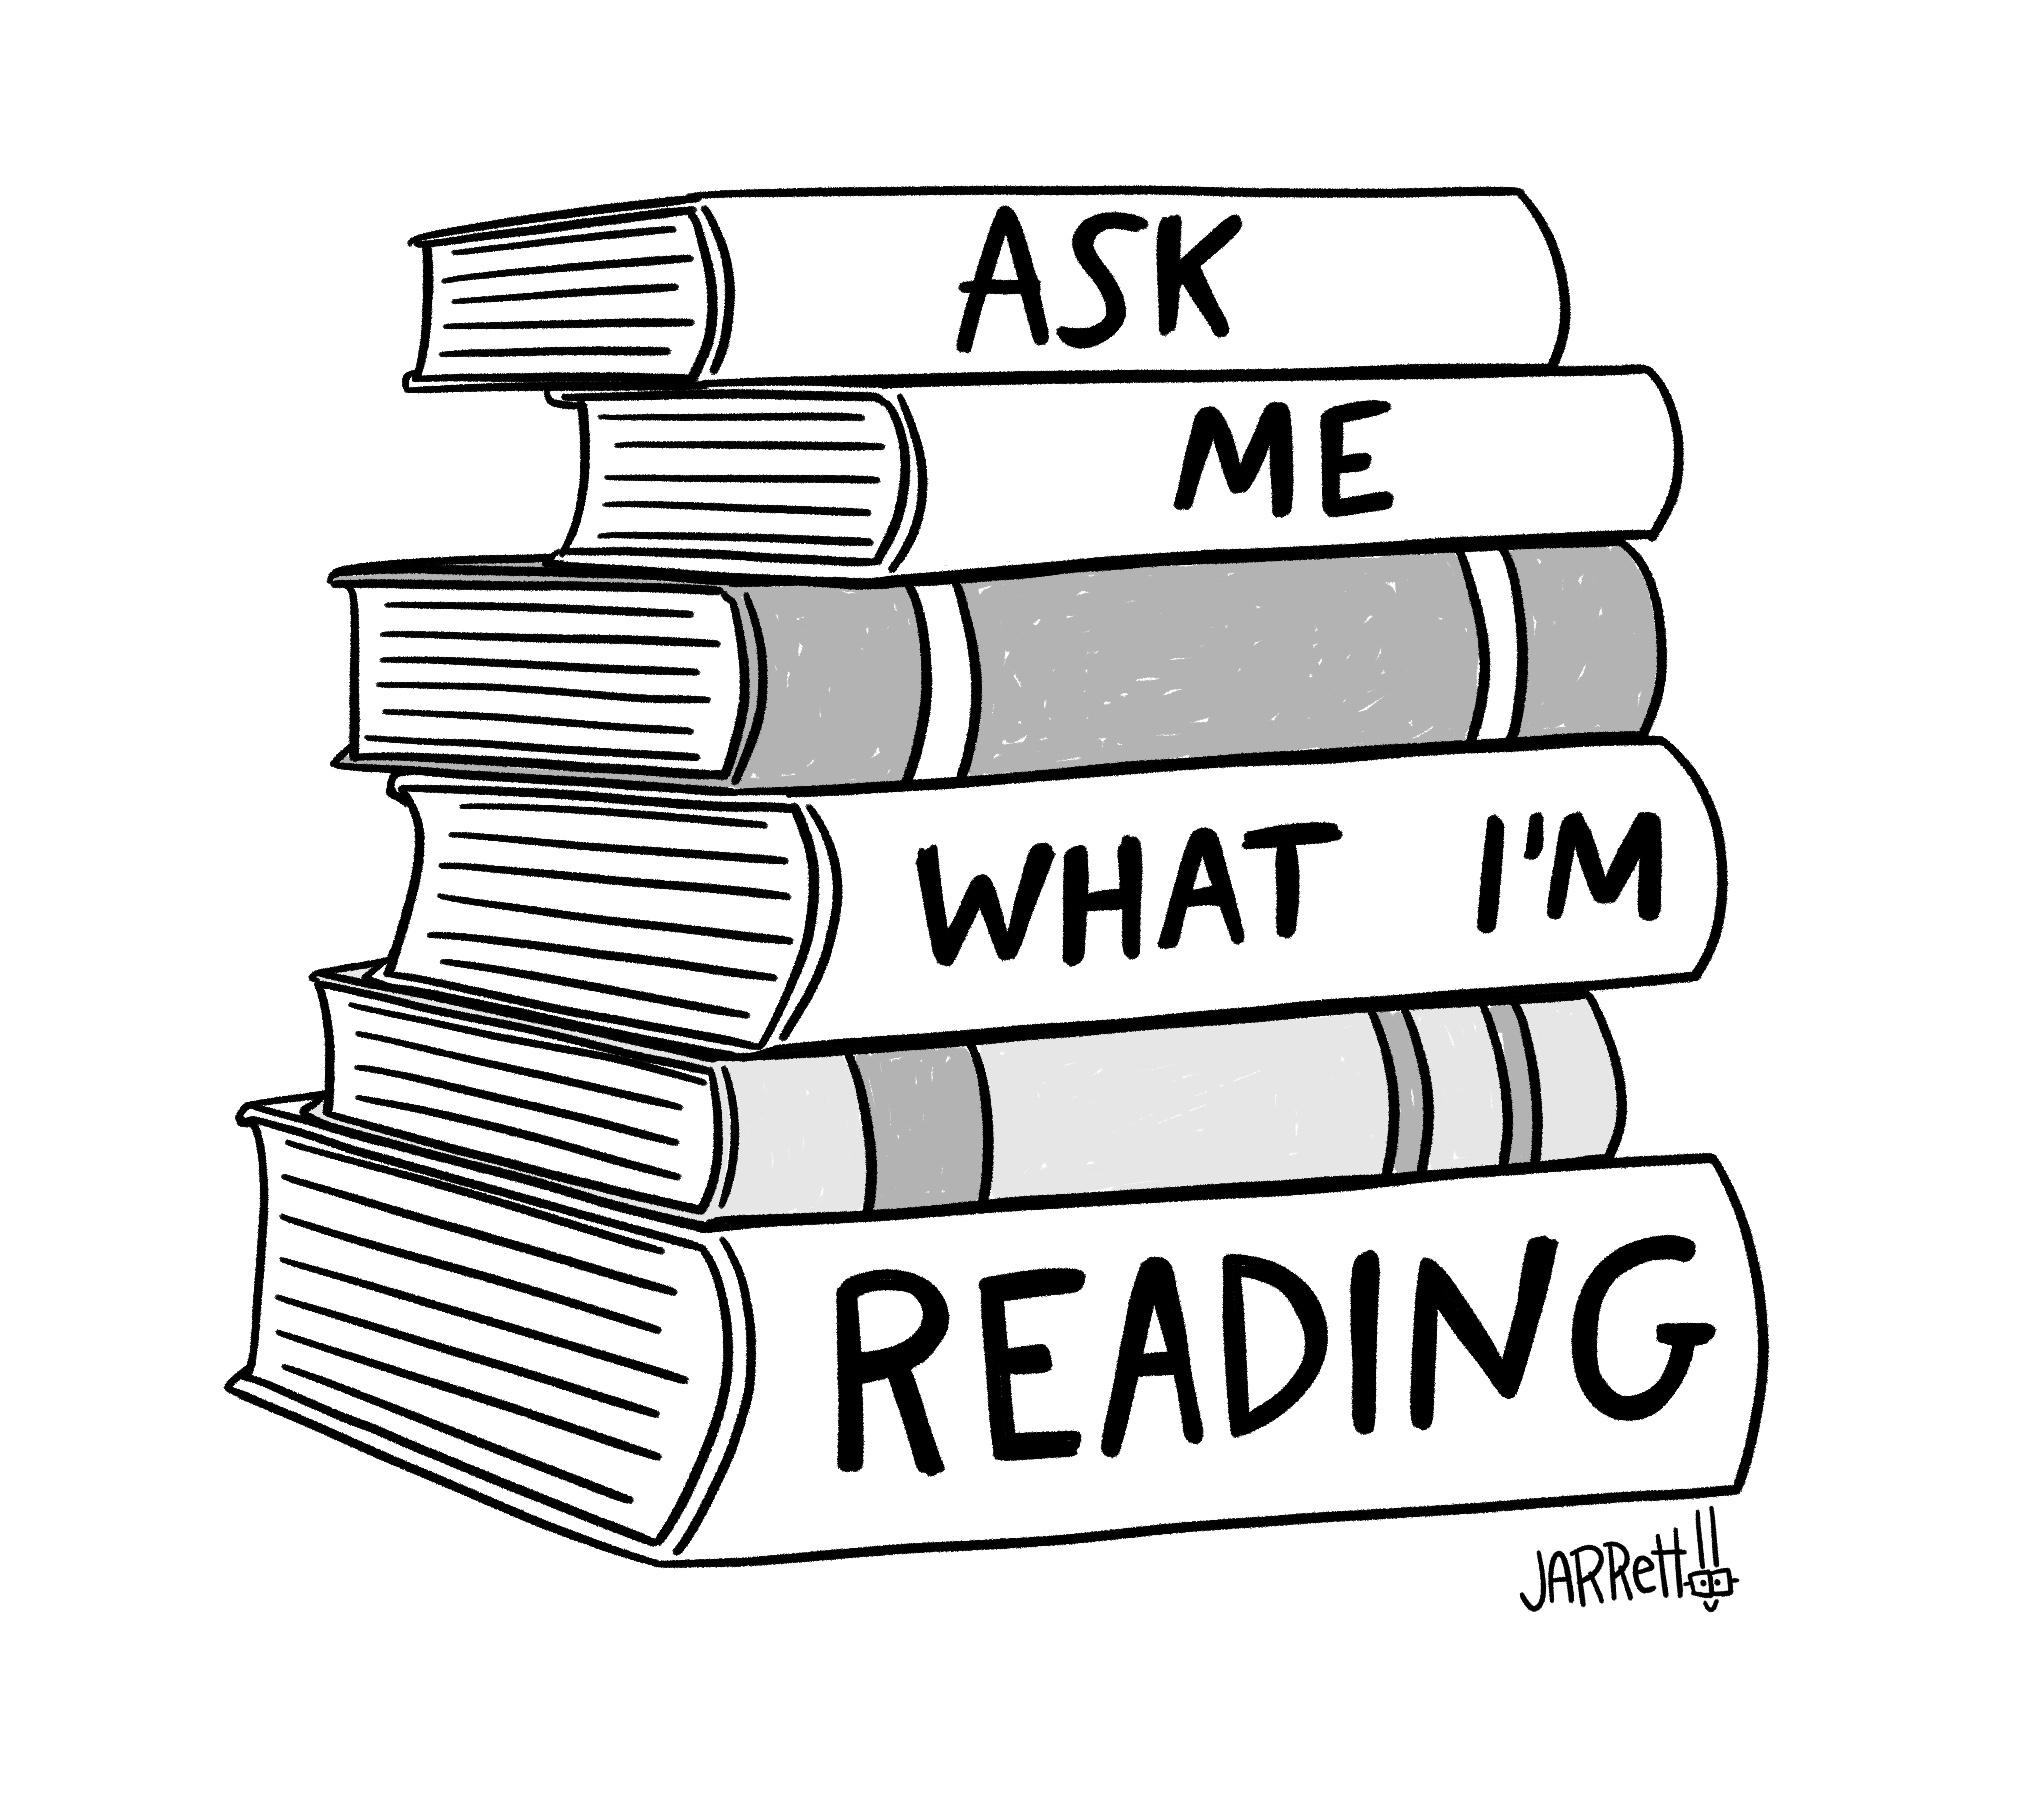 ask me jpg.jpg